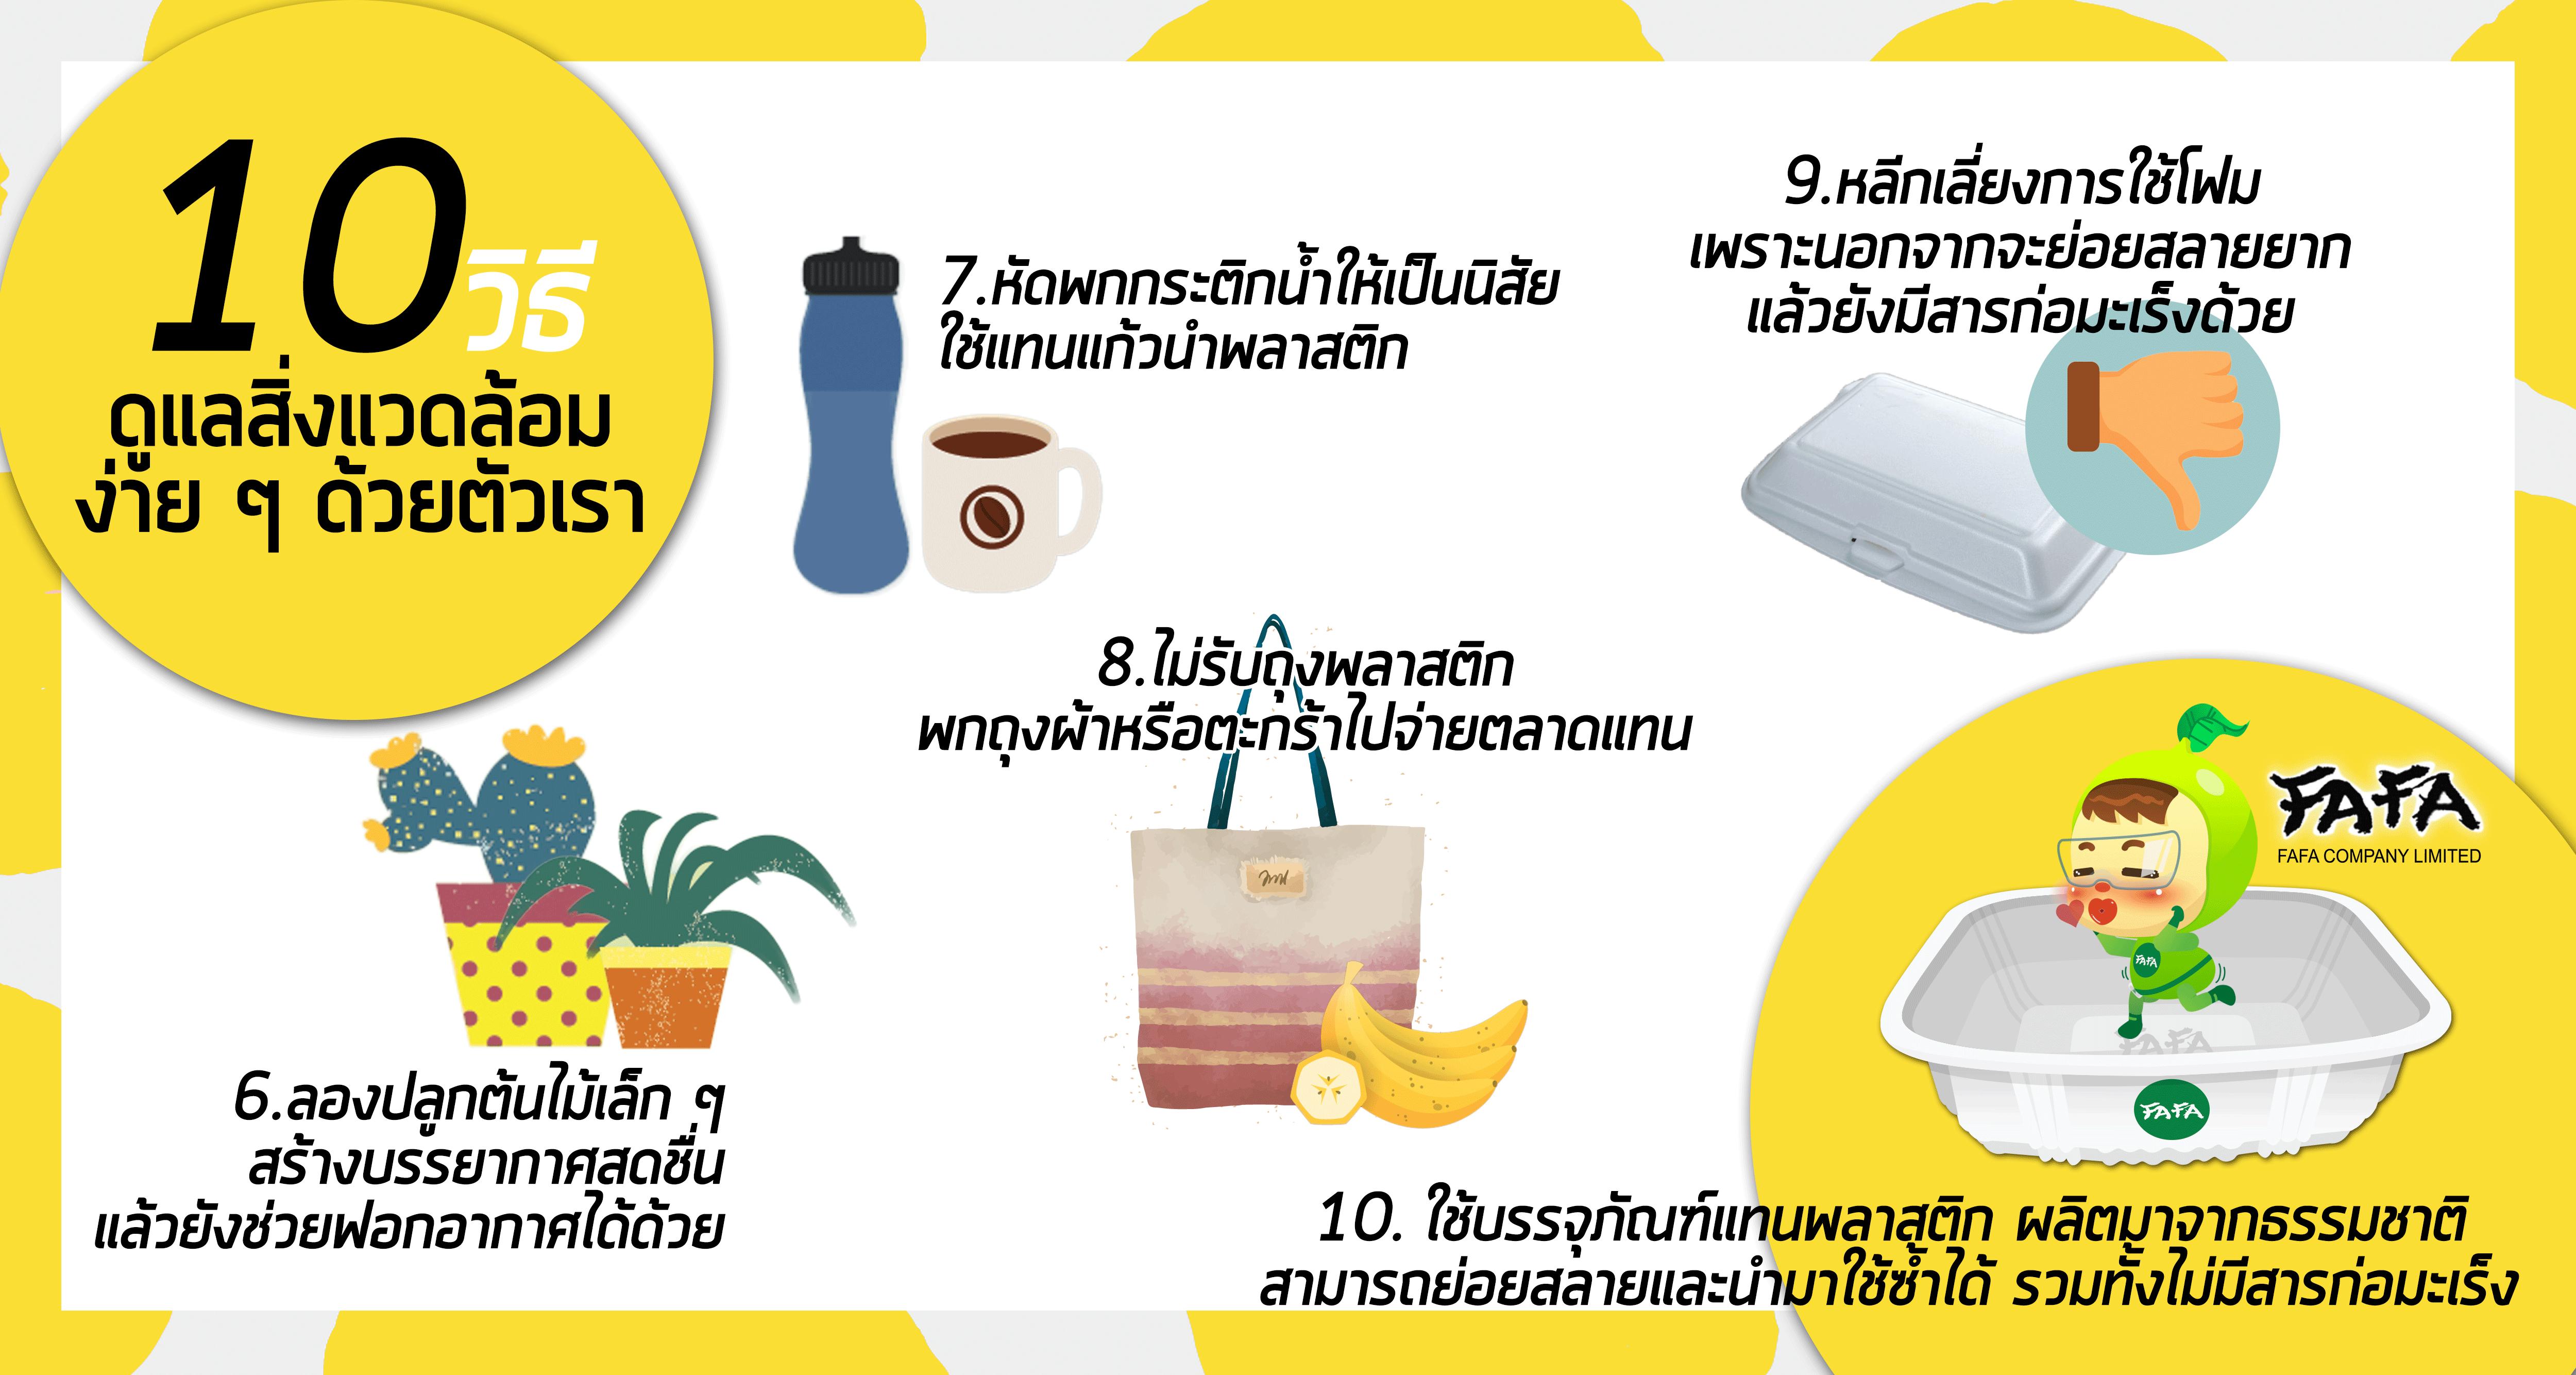 10 วิธีดูแลสิ่งแวดล้อมในชีวิตประจำวัน